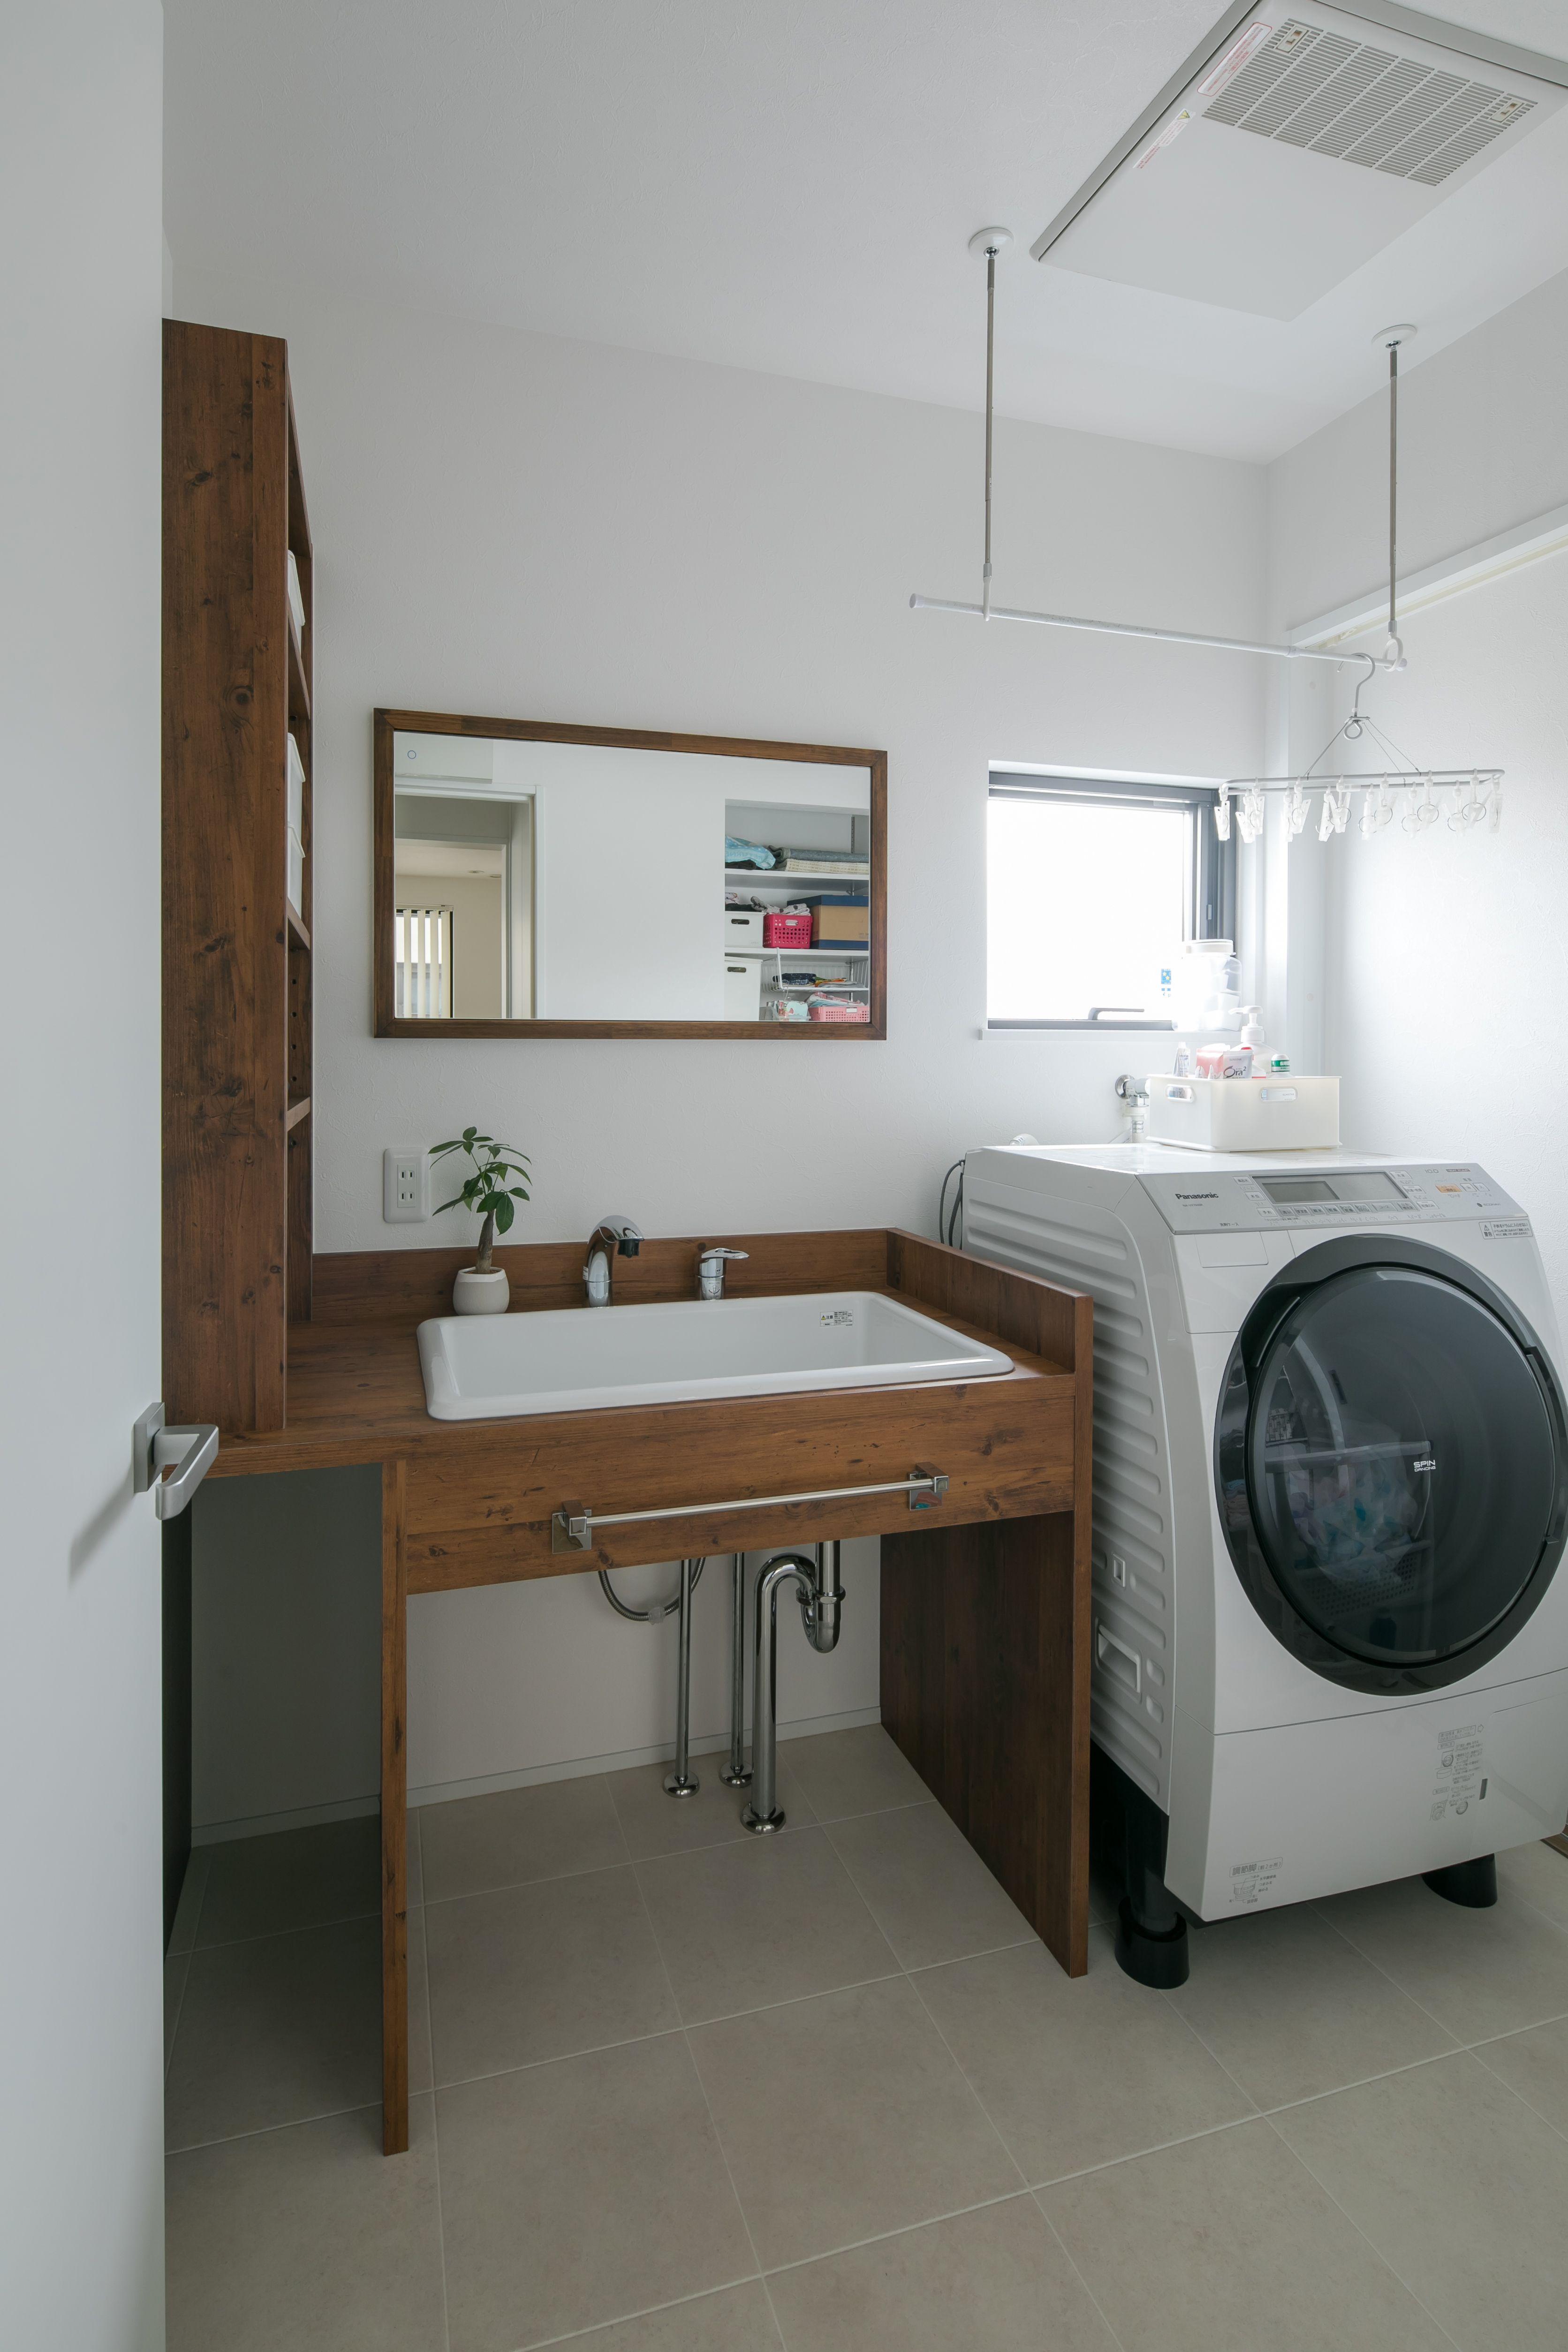 洗面脱衣室 窓と鏡が同じ高さ バスルーム おしゃれ 洗面所 リフォーム バスルームのレイアウト